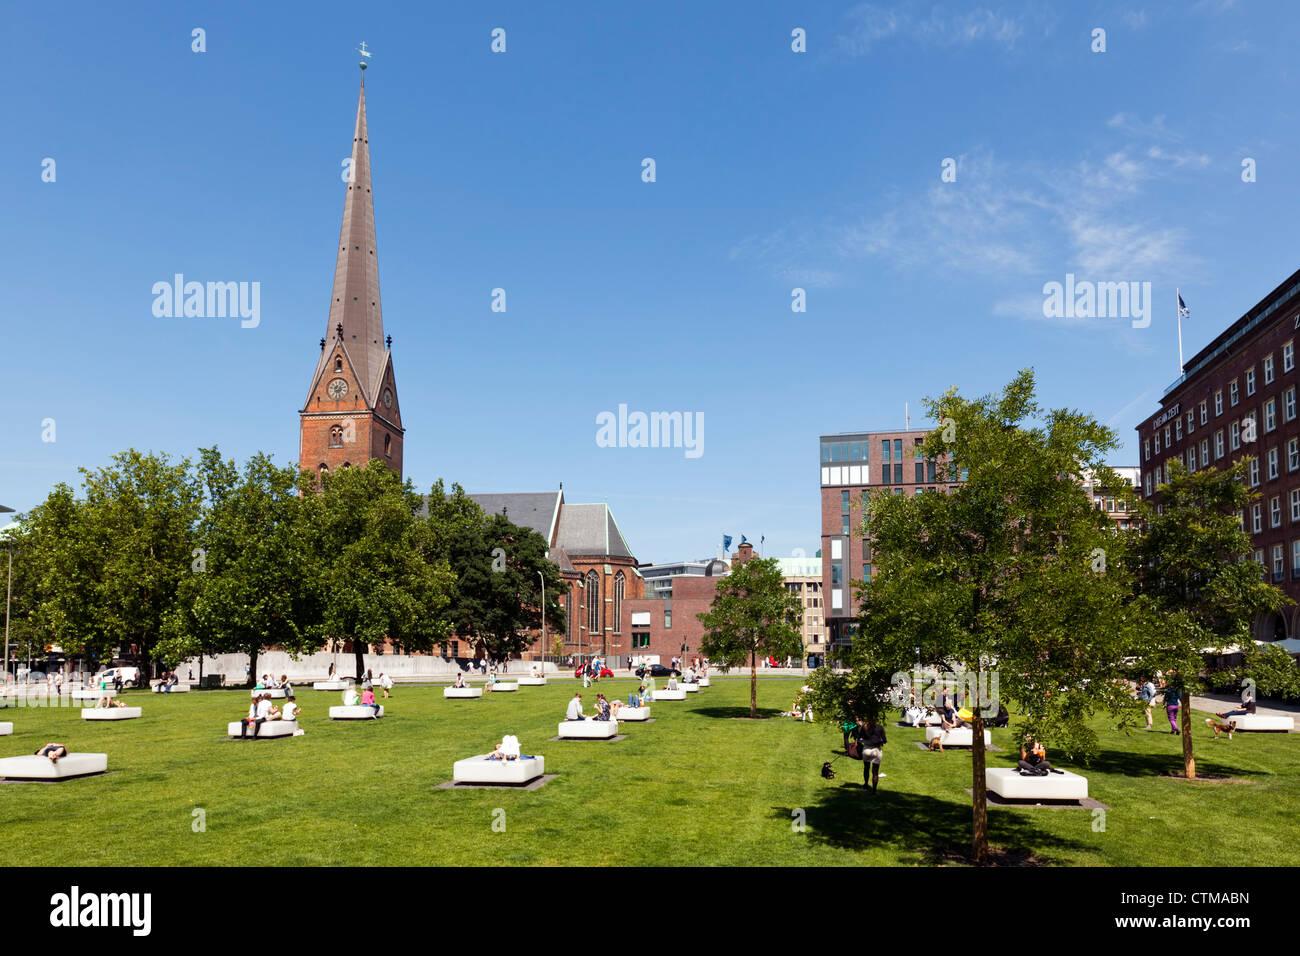 Domplatz-Platz und Kirche Petrikirche, Hamburg. Menschen, die genießen ihr Mittagessen brechen auf dem Rasen. Stockbild